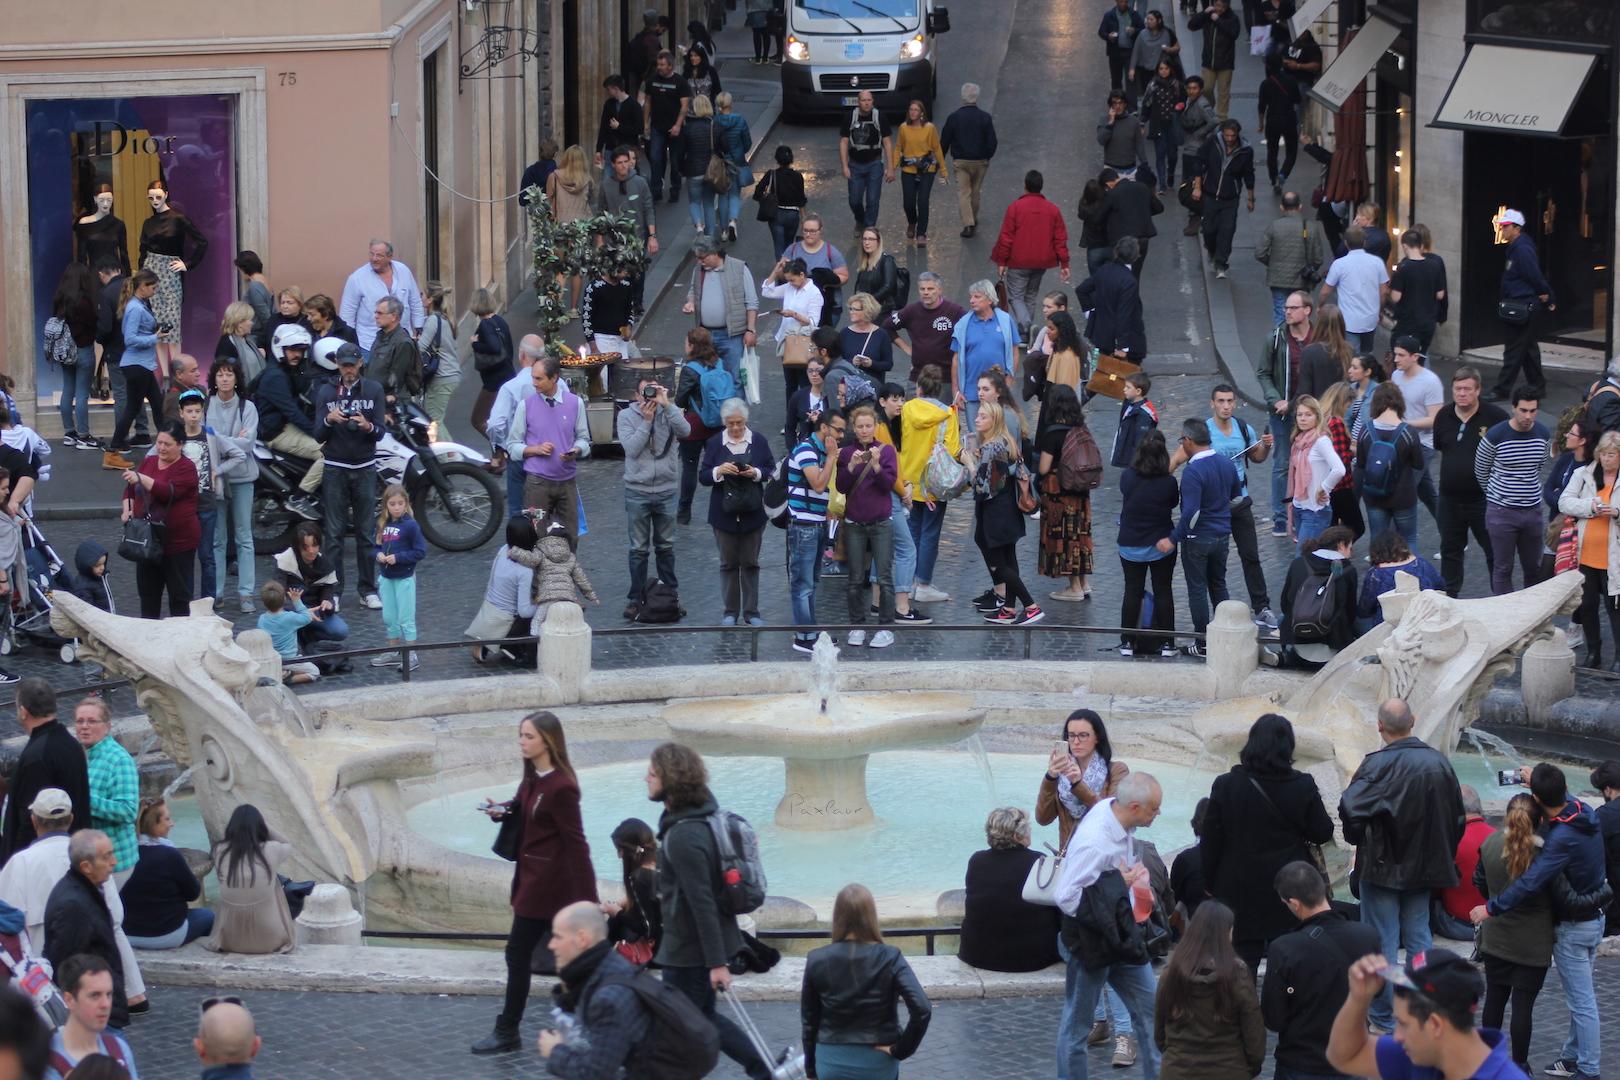 roma_piazza-di-spagna_noiembrie2016_paxlaur8